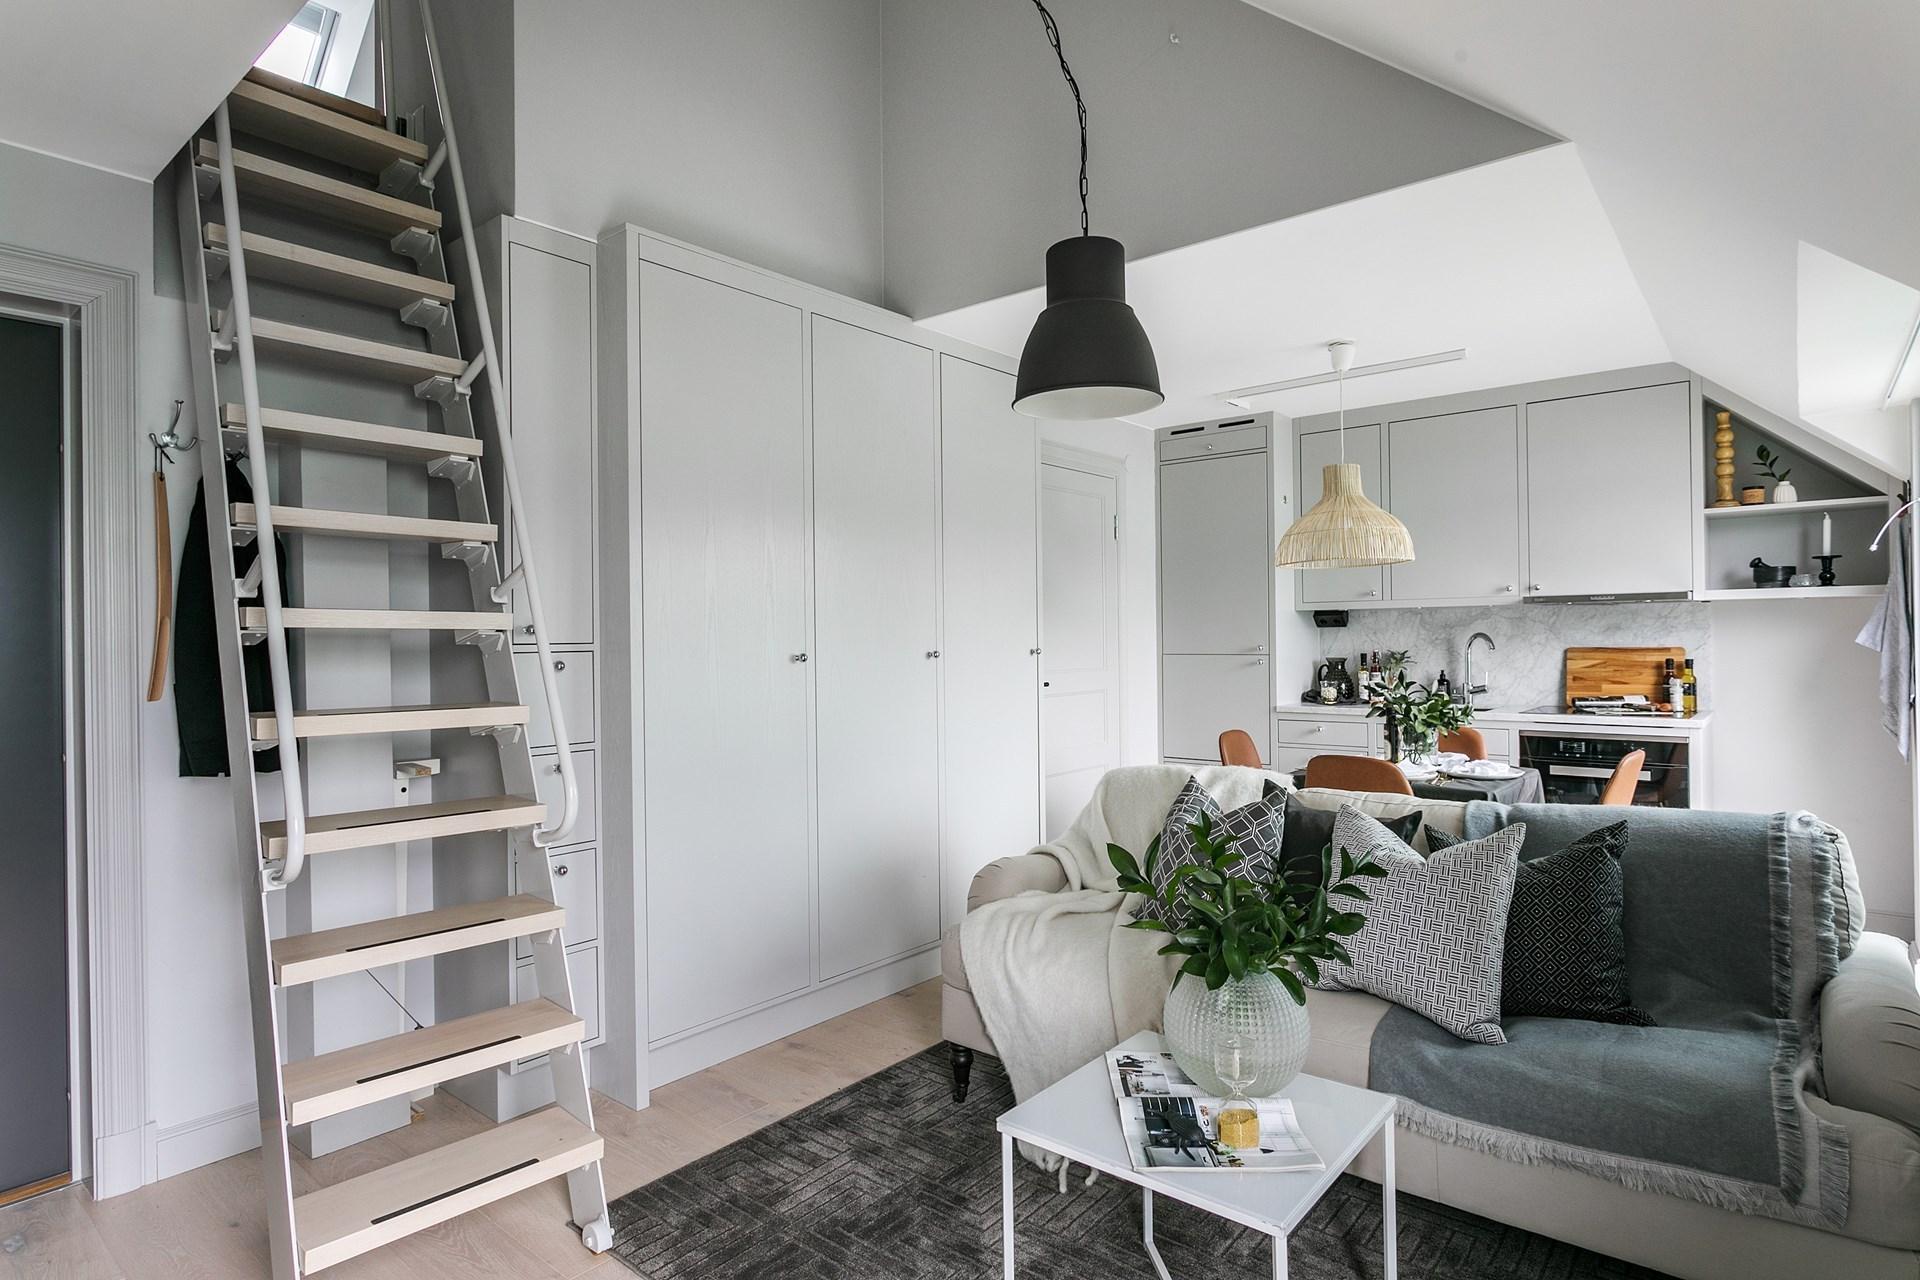 Dise ar una cocina abierta al sal n interiores chic for Apartamento de decoracion interior